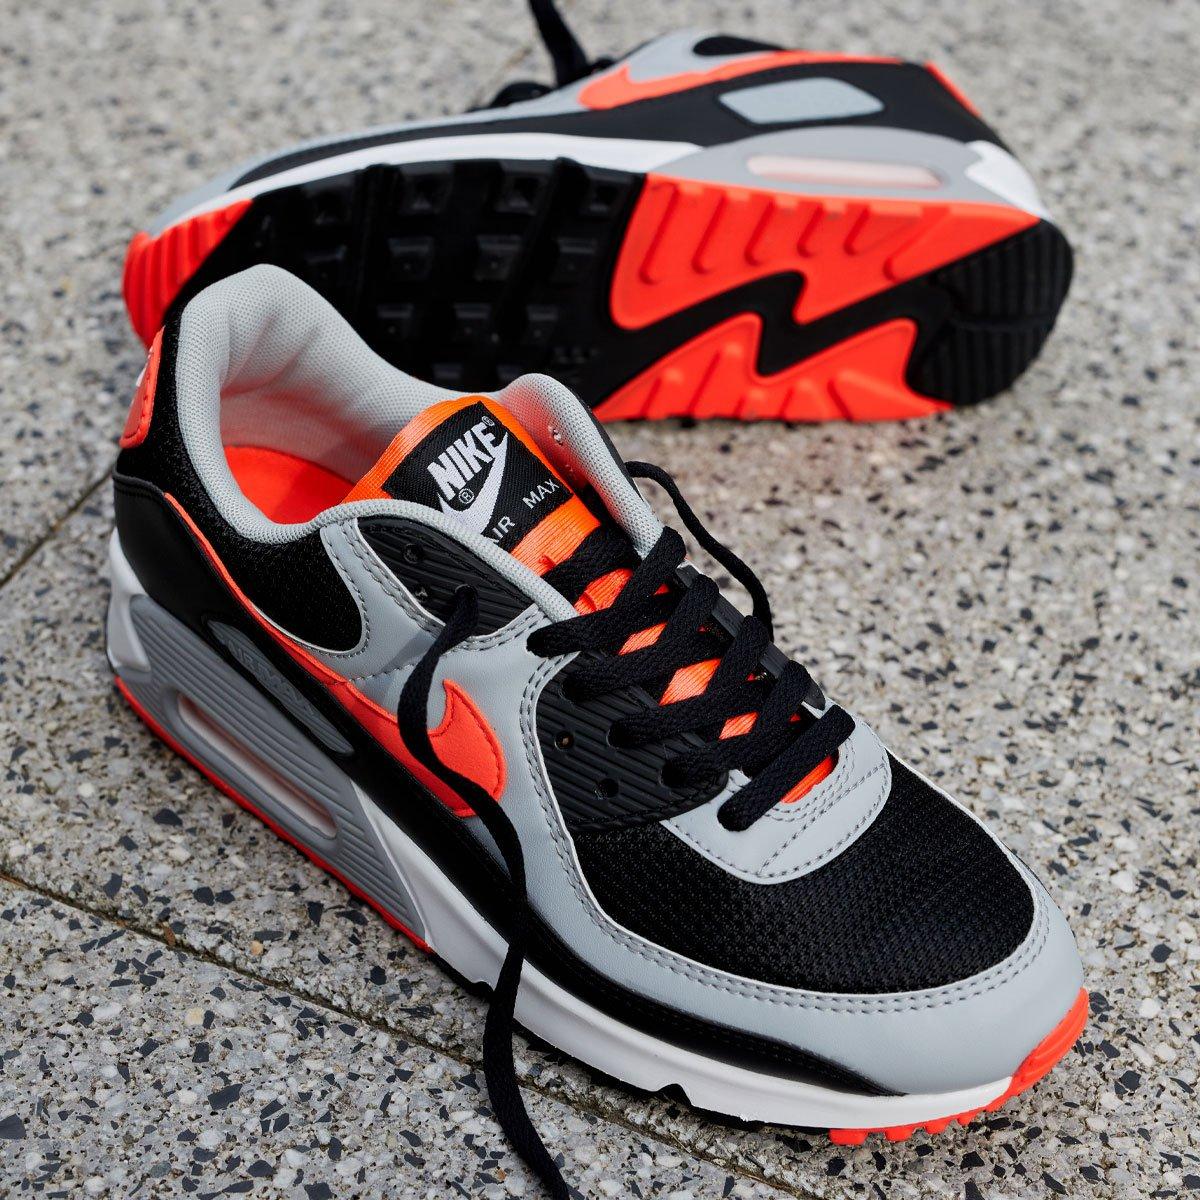 Nike Air Max 90 OG 'Black / Radiant'